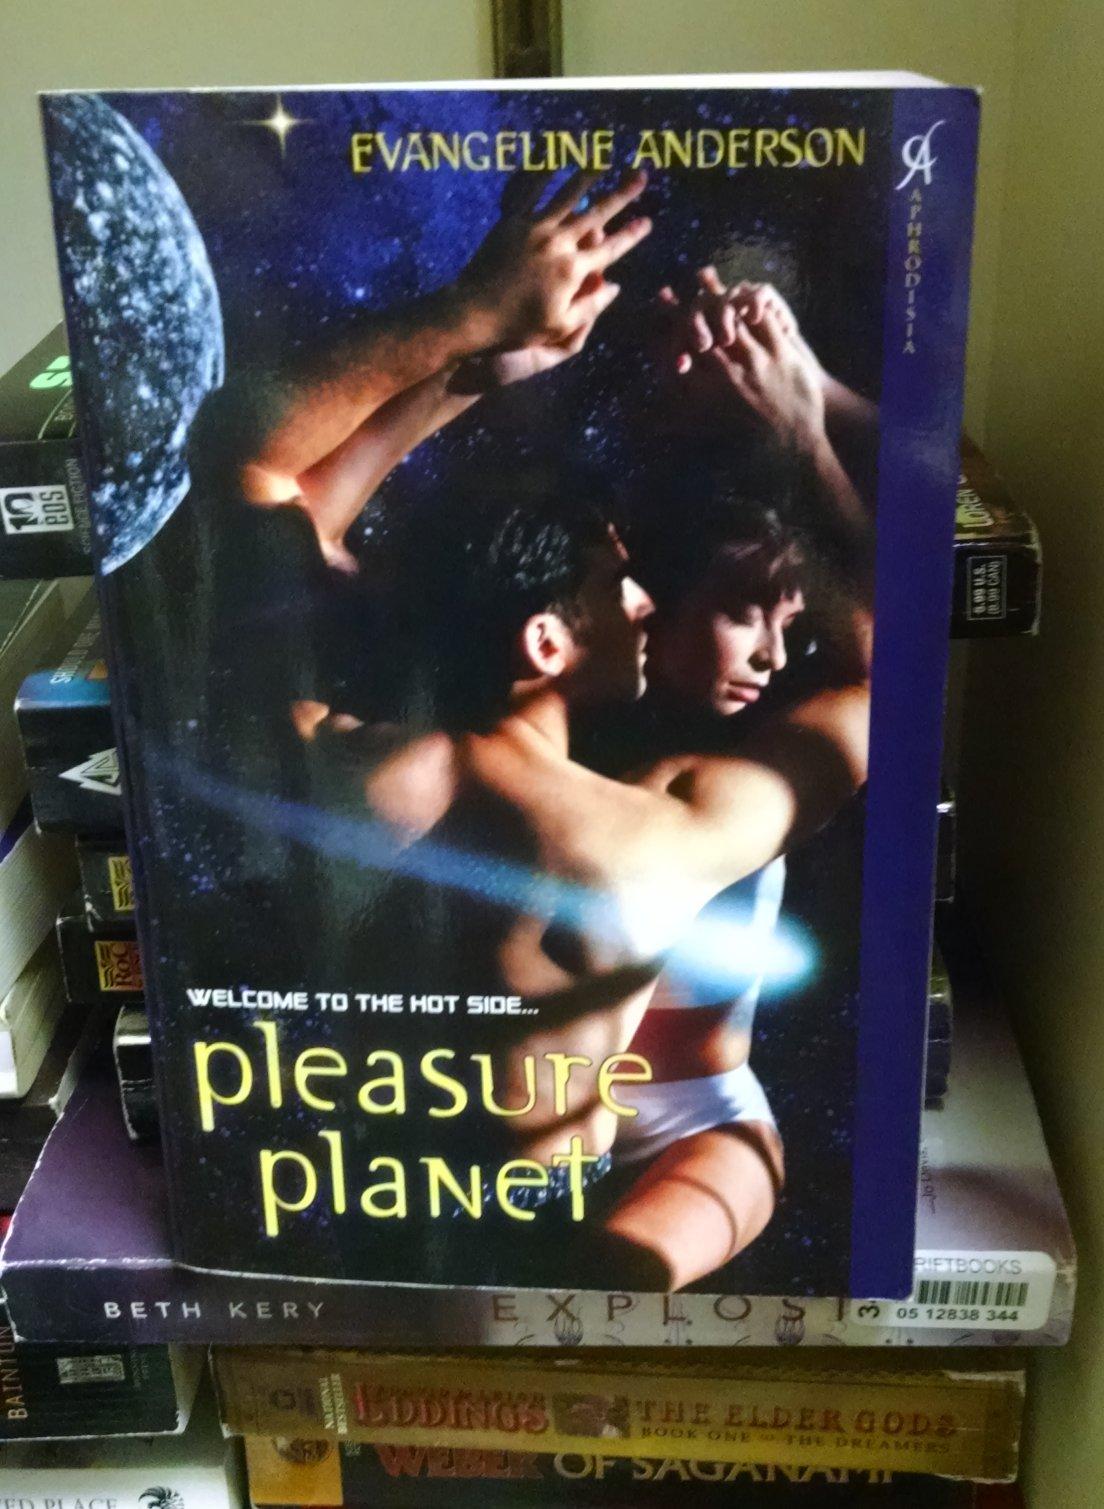 His pleasure planet is Uranus.